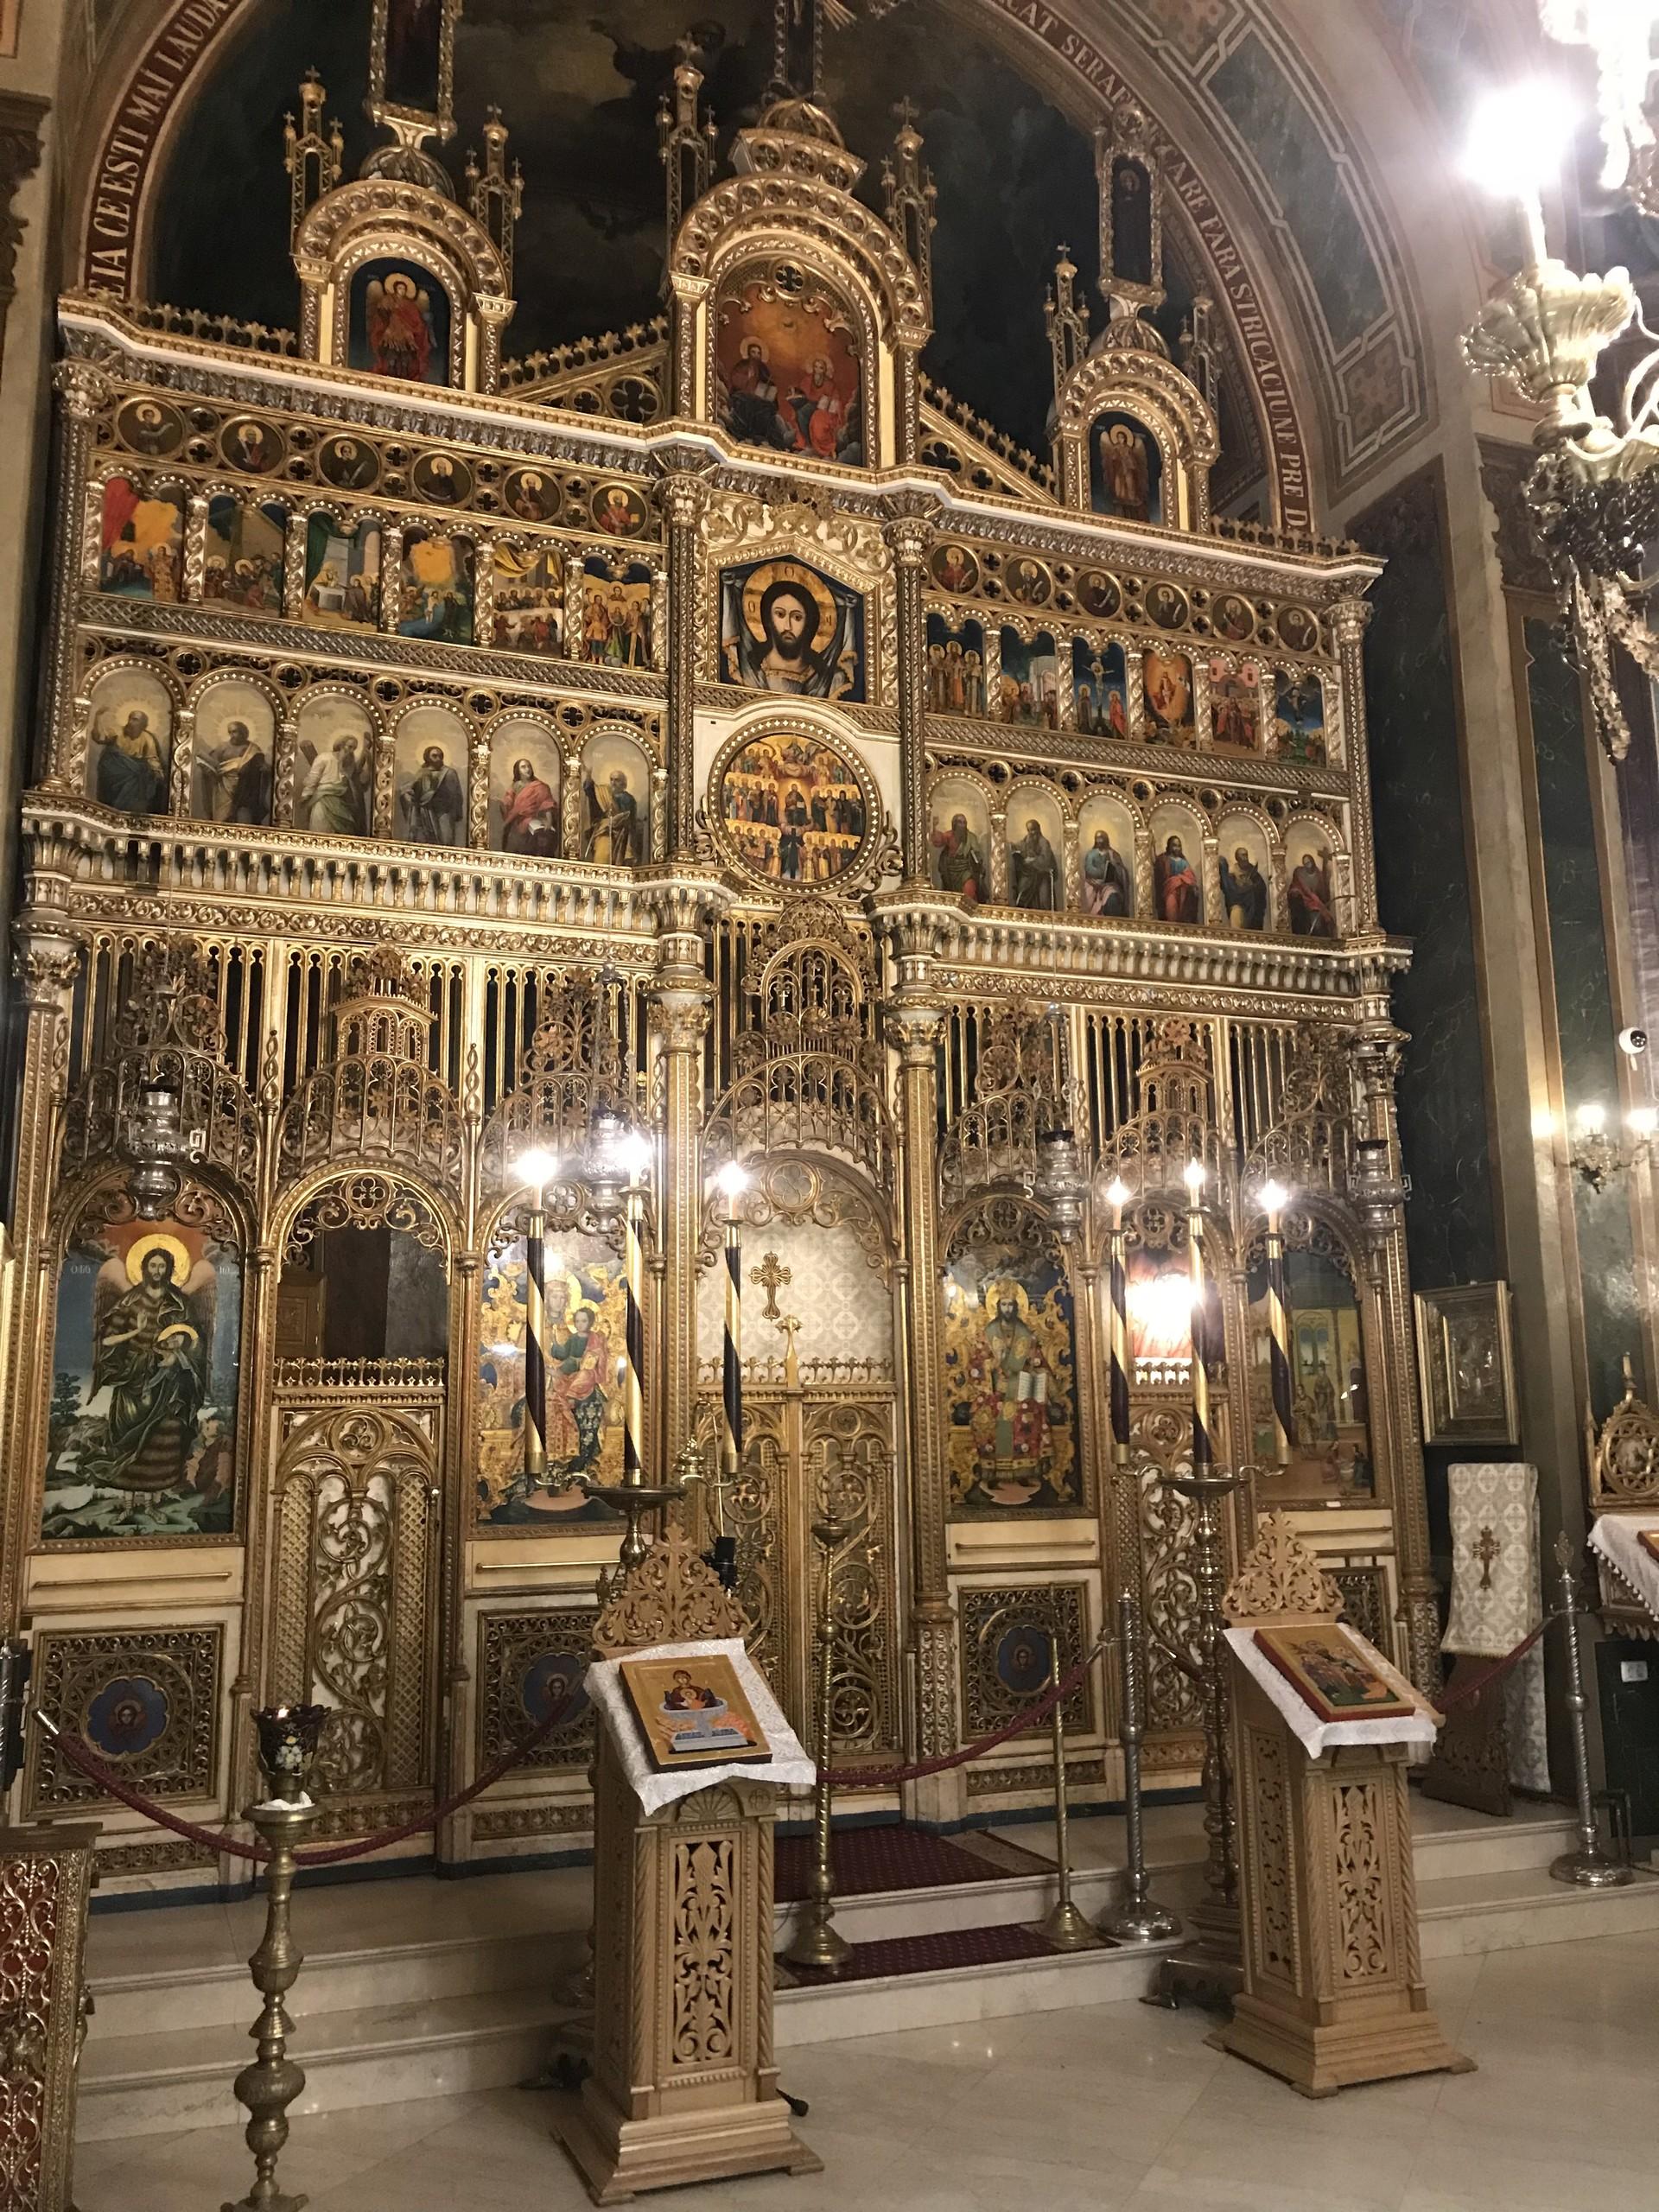 biserica-zlatari-179a683fb9c3f584e54d01b